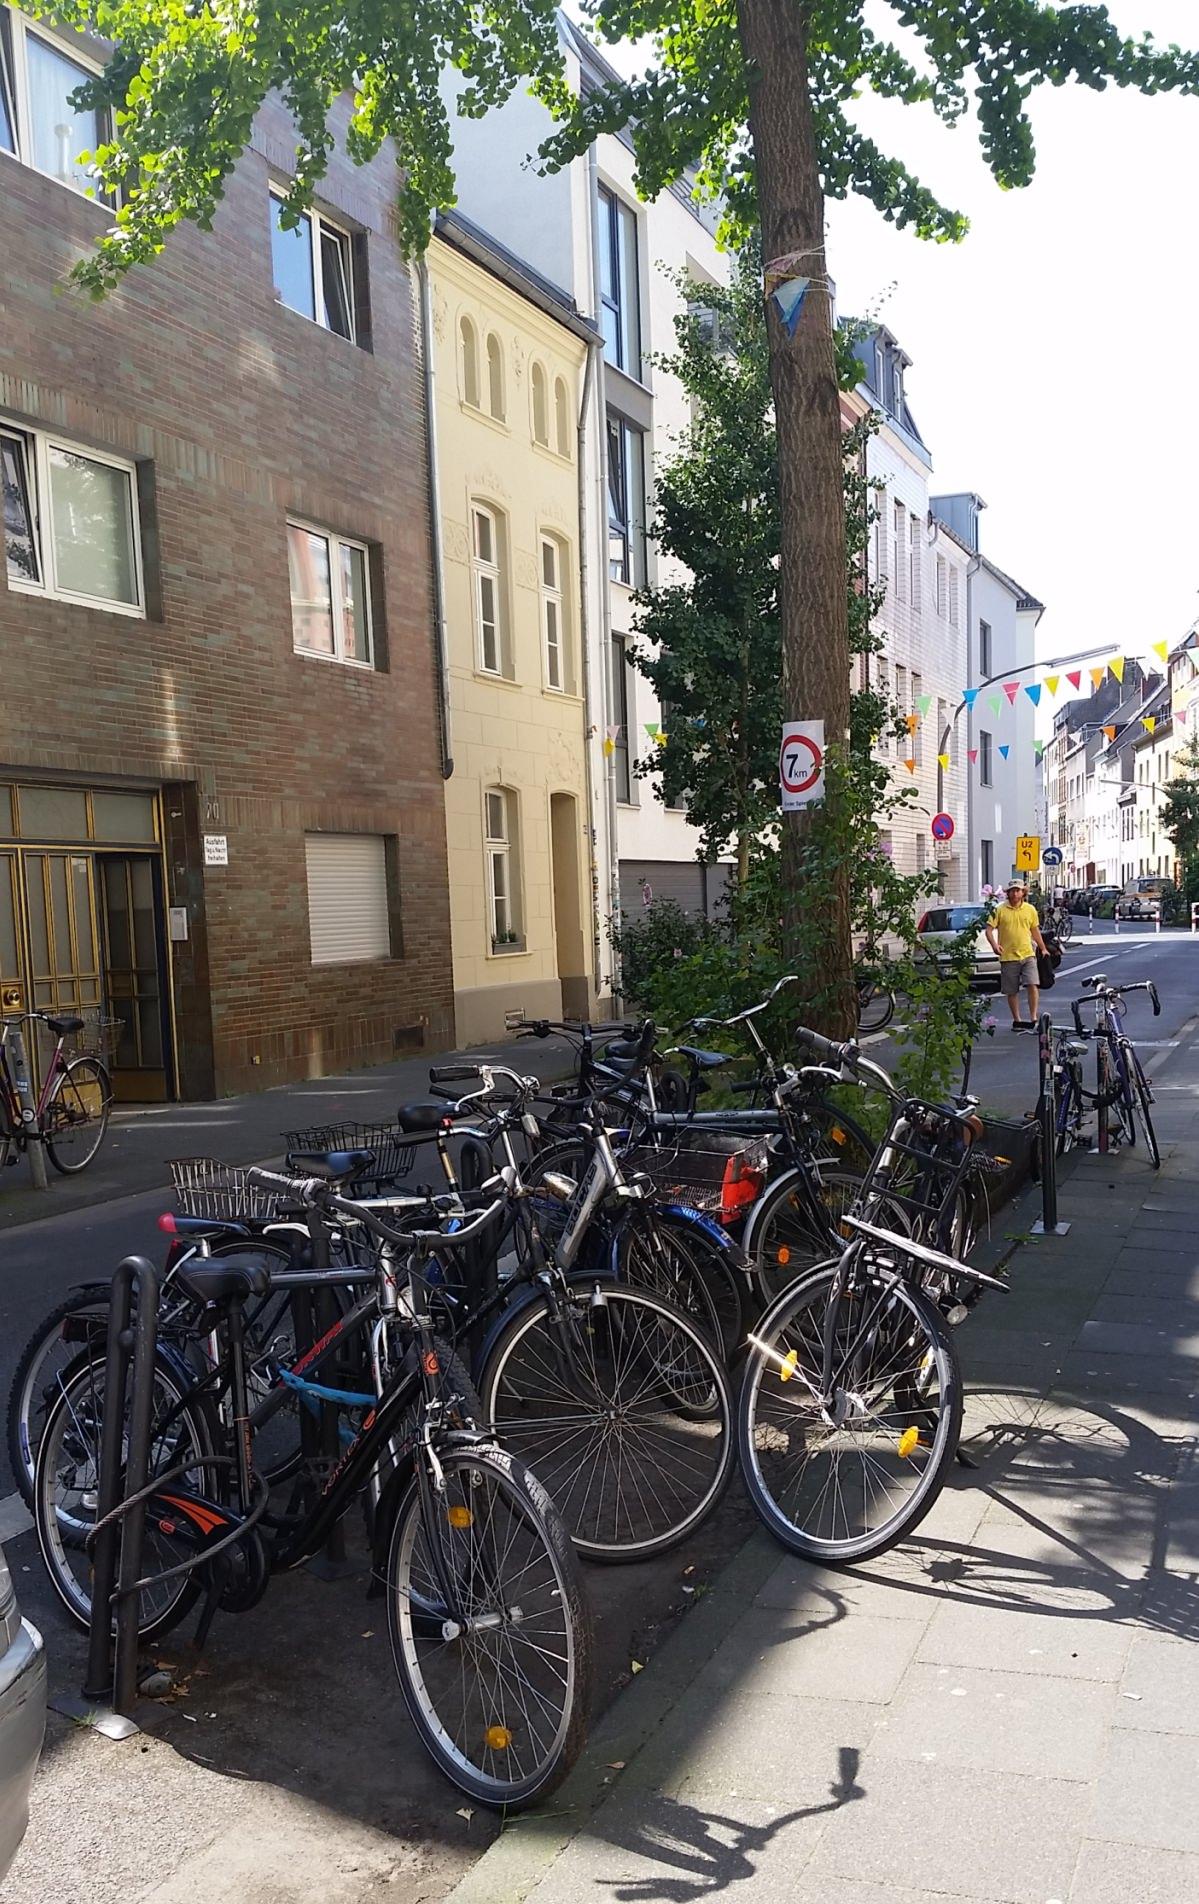 Köln Radabstellanlage Radnadel öffentliche rStraßenraum